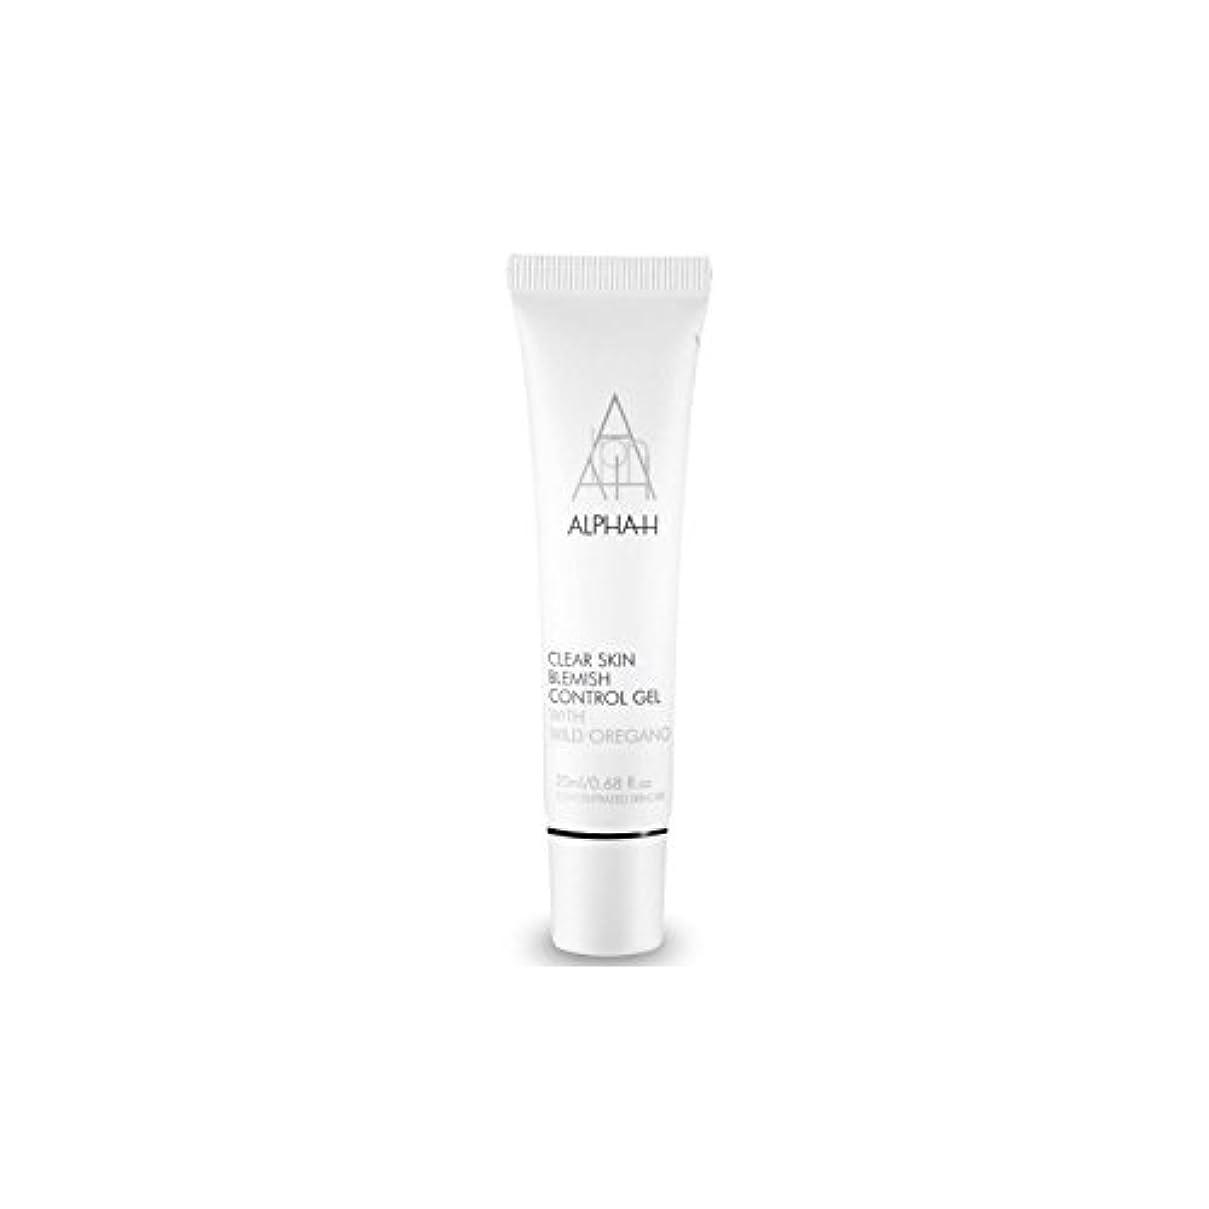 修士号ジャベスウィルソンなしでアルファクリア皮膚傷制御ゲル(20)中 x2 - Alpha-H Clear Skin Blemish Control Gel (20ml) (Pack of 2) [並行輸入品]